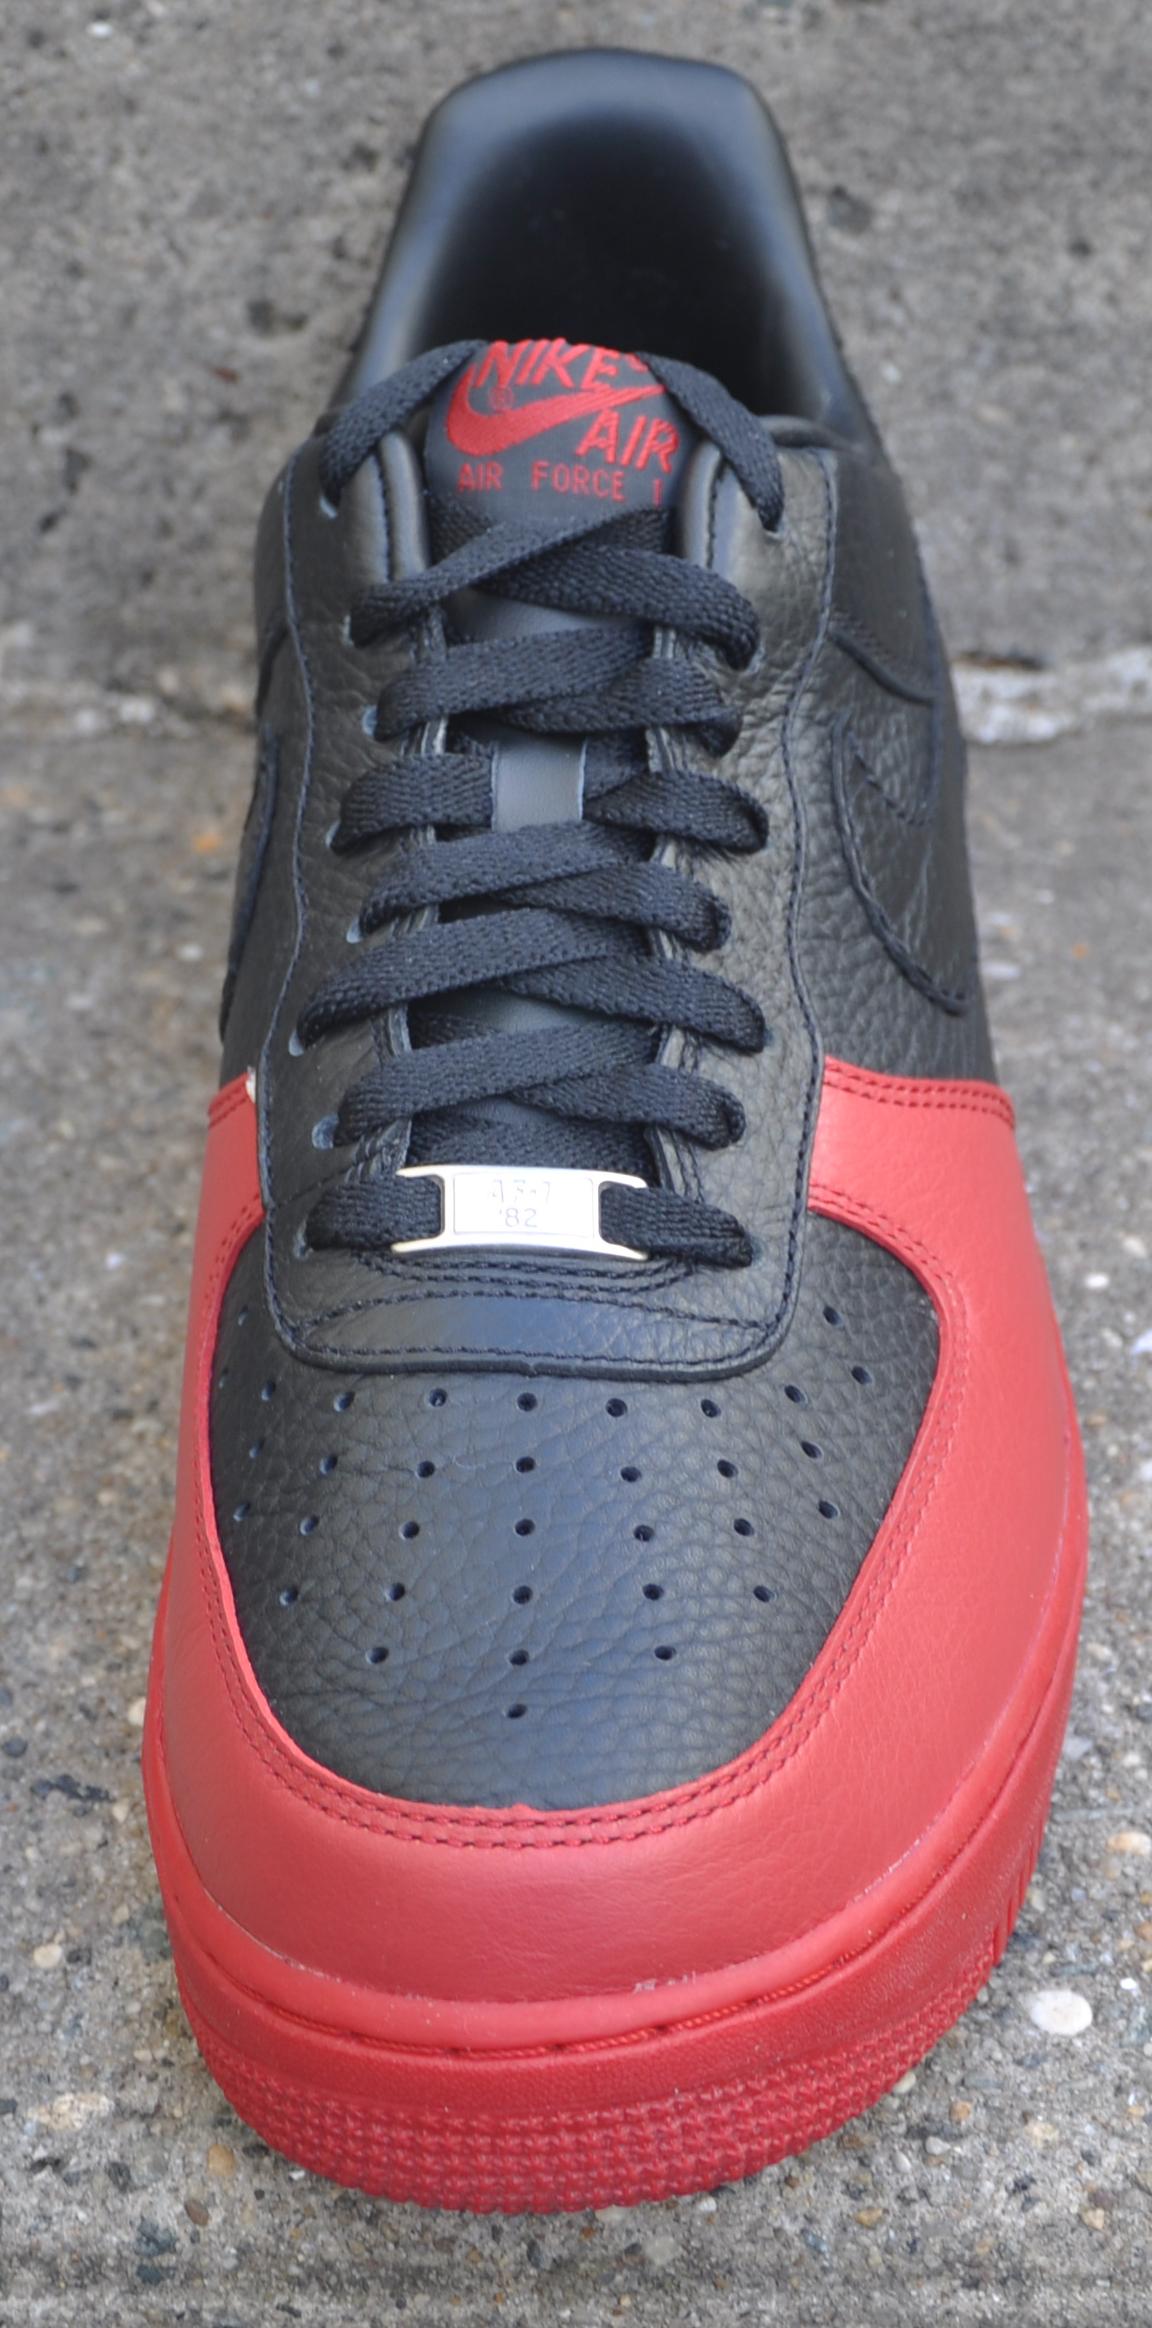 Nike Air Force 1 Low Black / Black